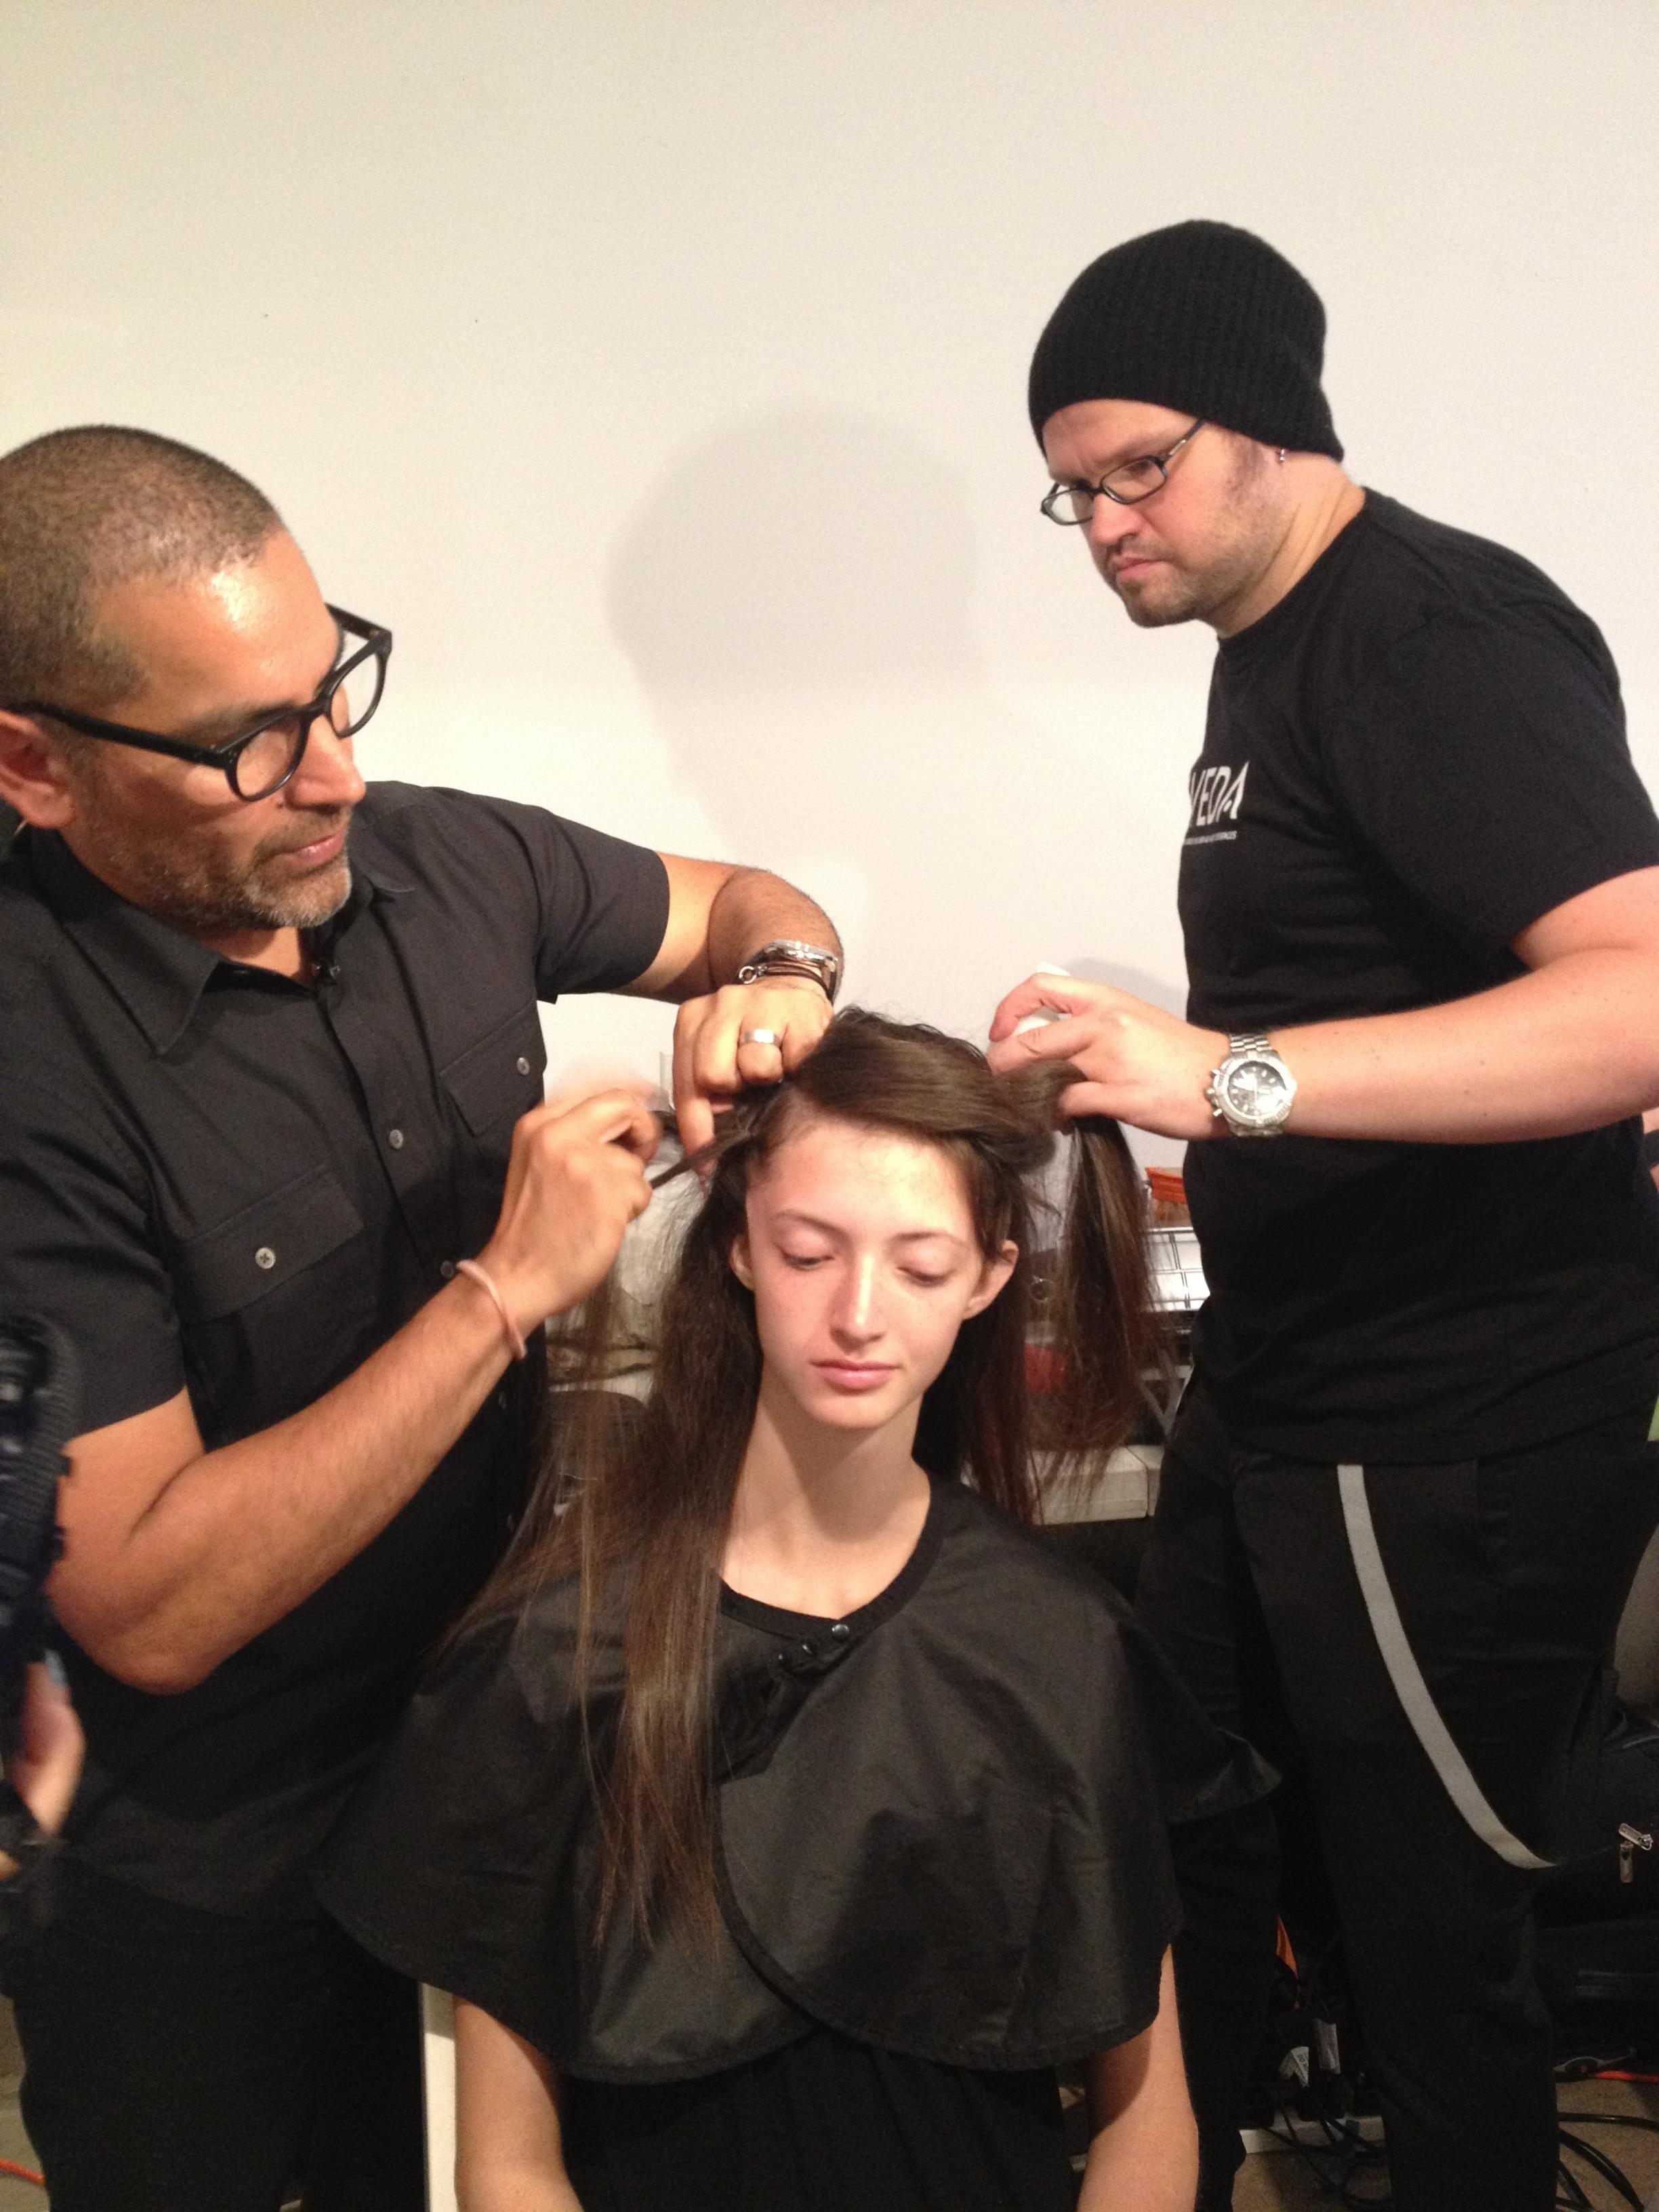 Allen Ruiz creates braids on either side of the head.